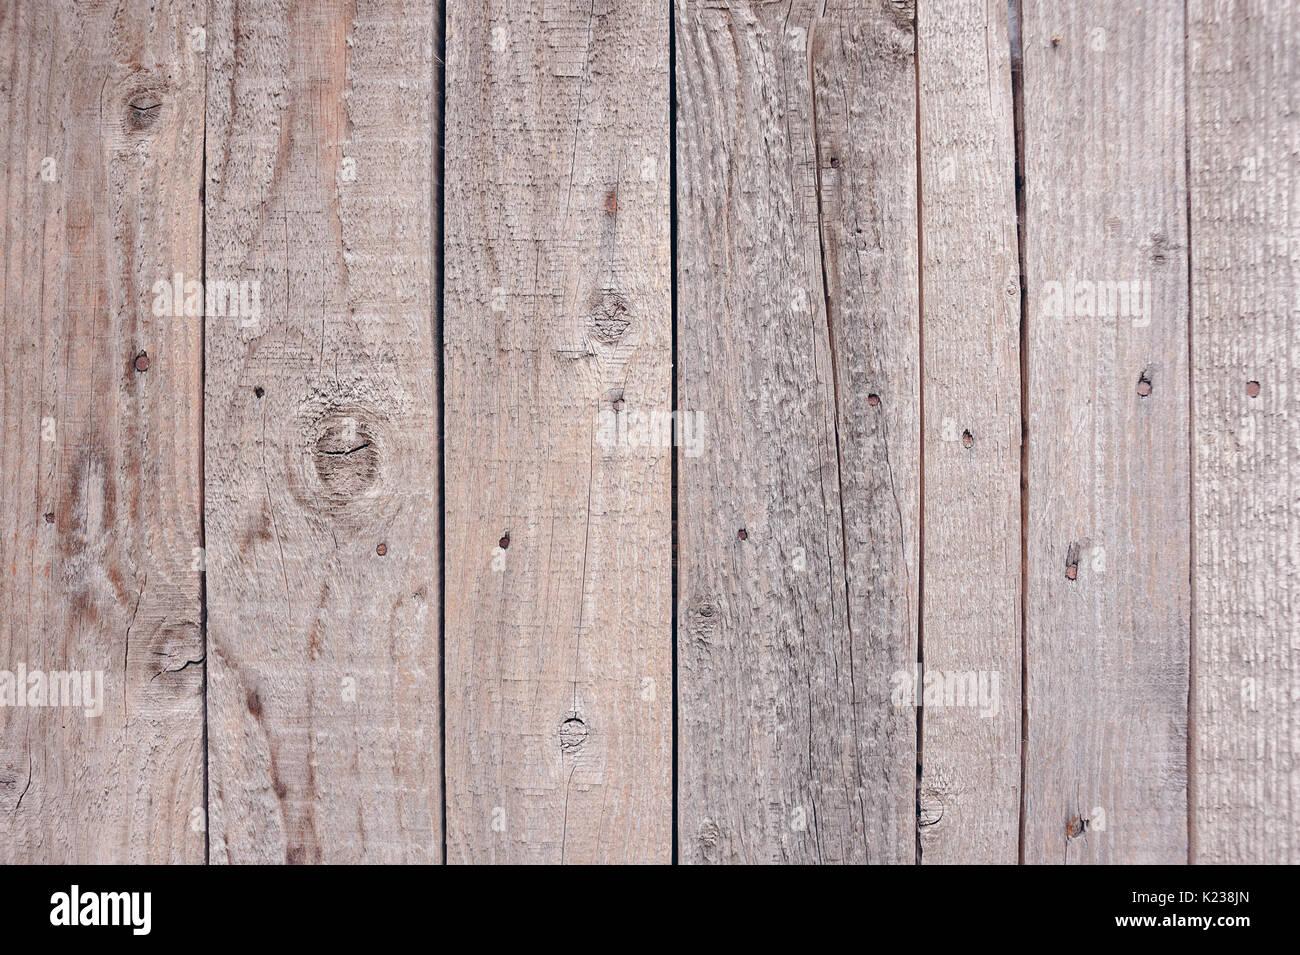 Peindre Les Meubles Anciens la texture de vieilles planches de bois délabrée avec de la